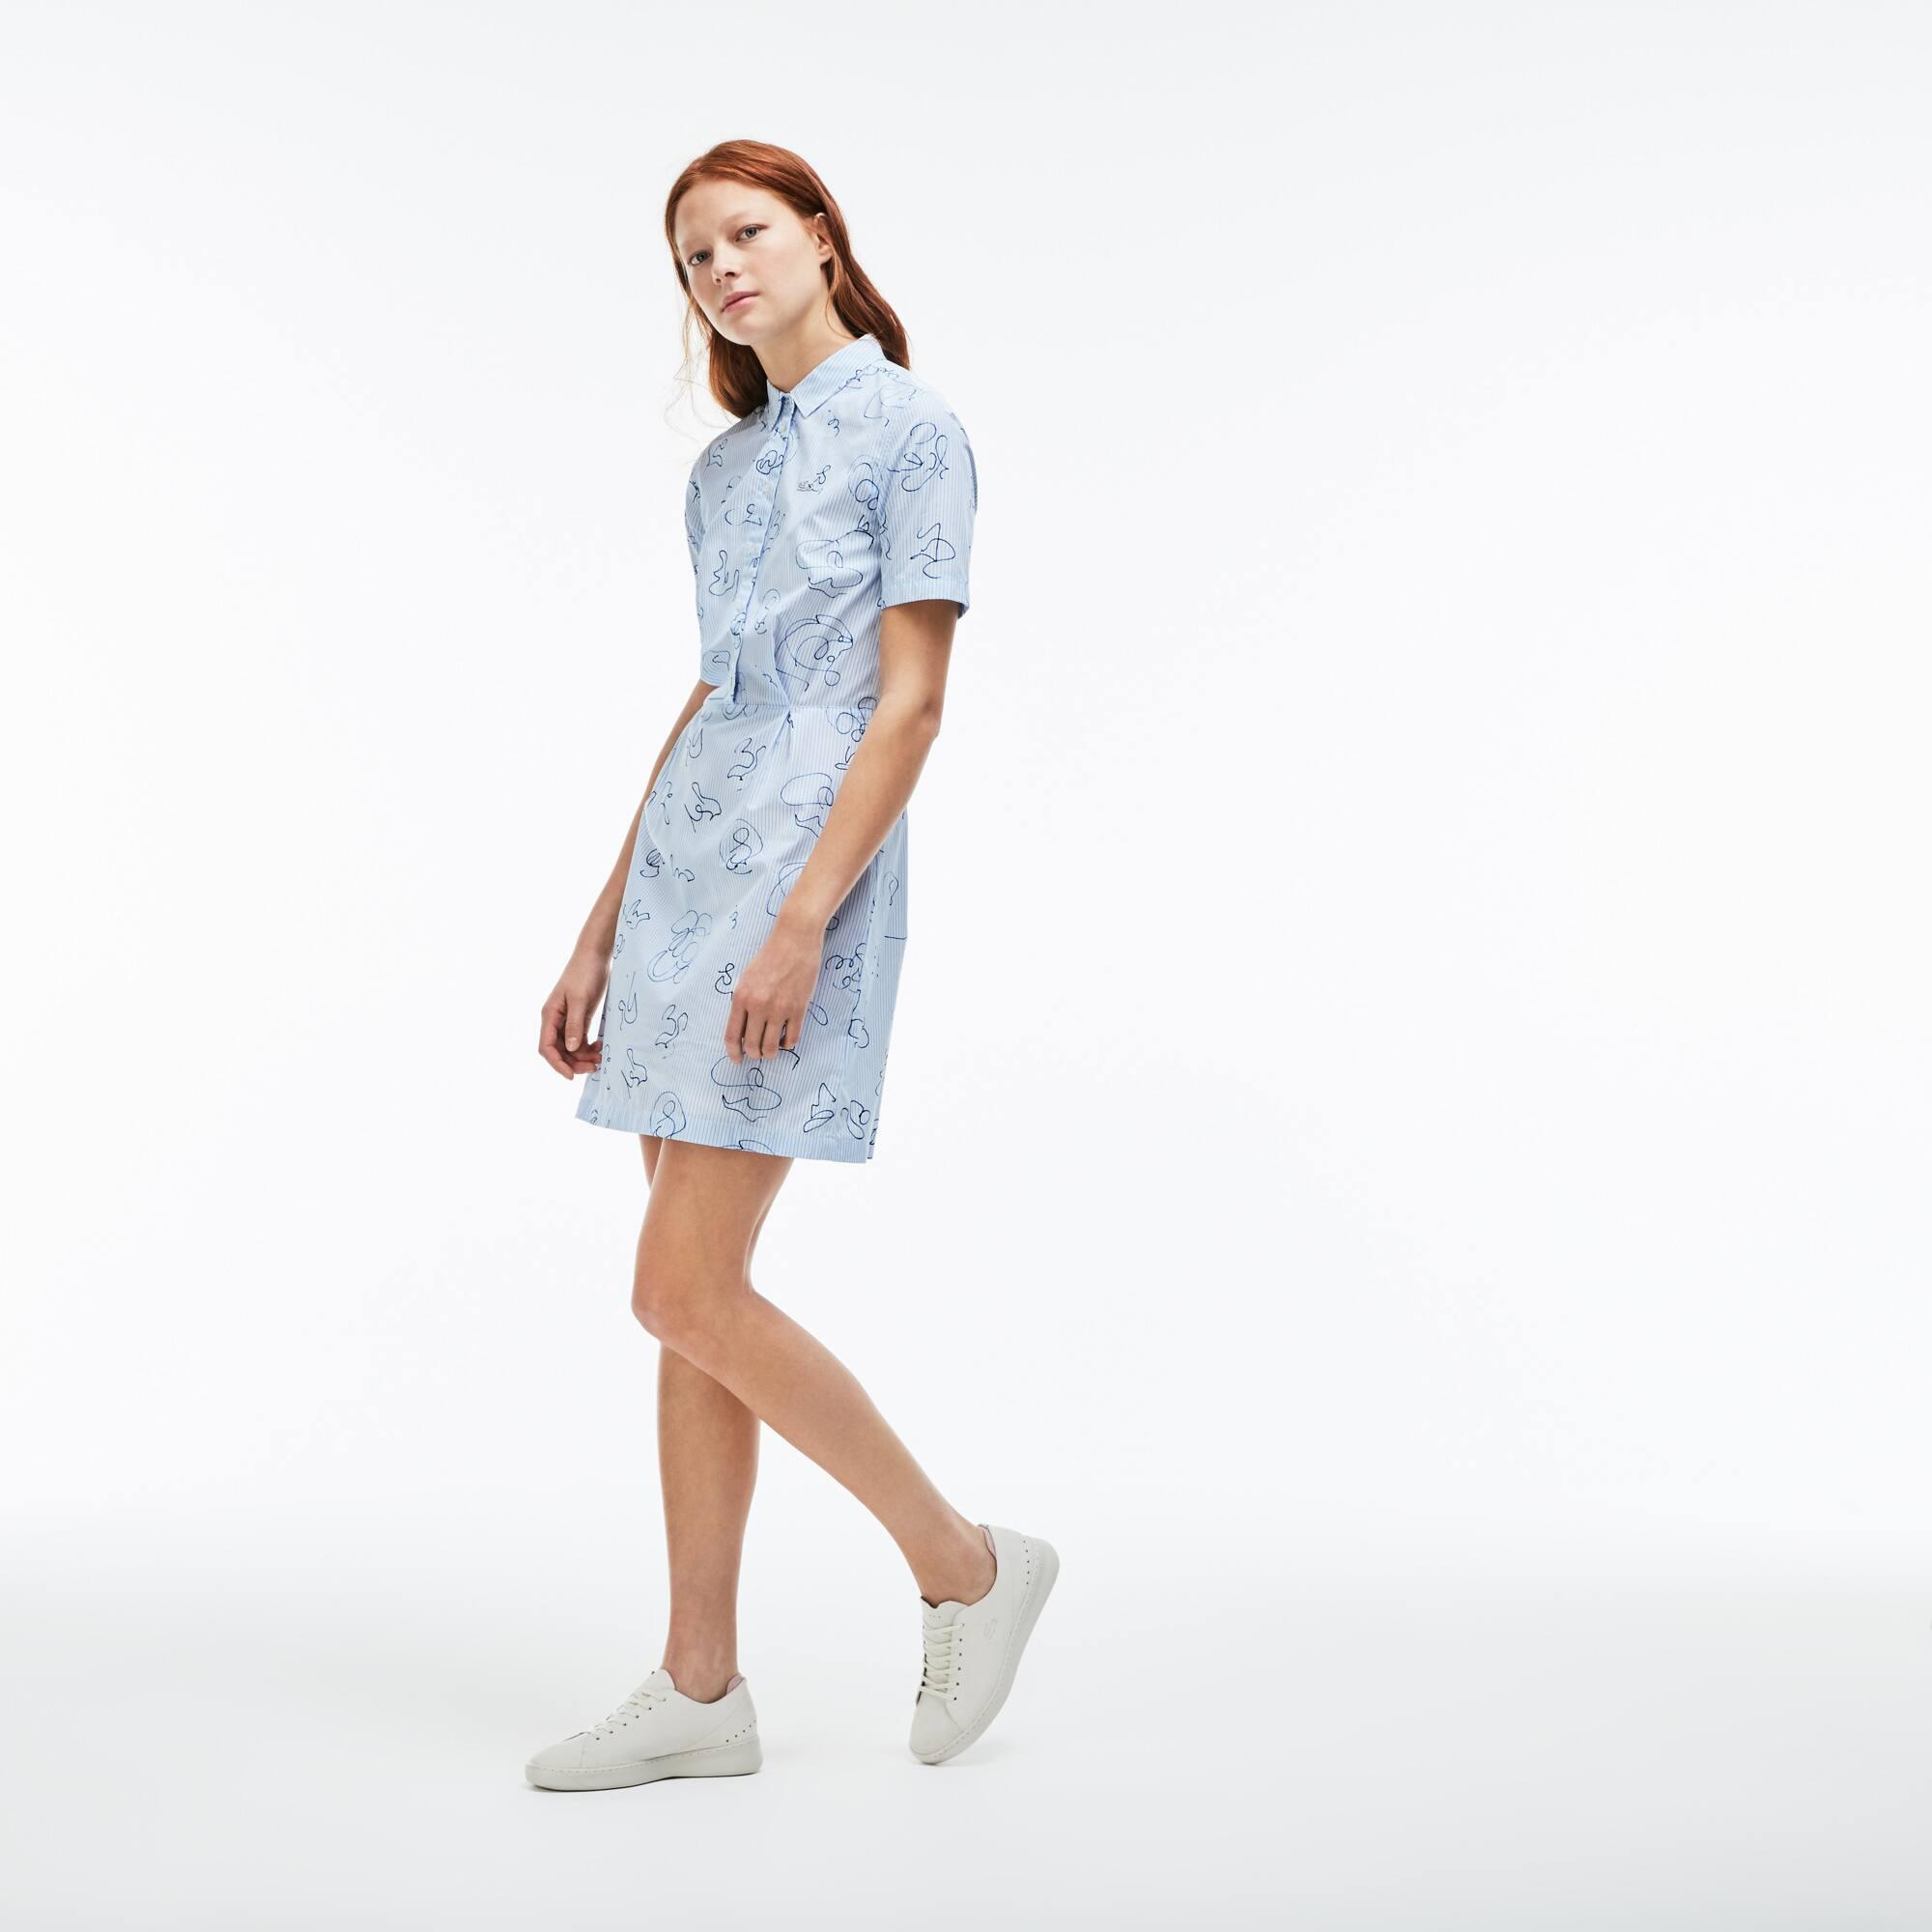 فستان قصير نسائي من لاكوست لايف بتصميم مخطط في خامة البوبلين القطنية